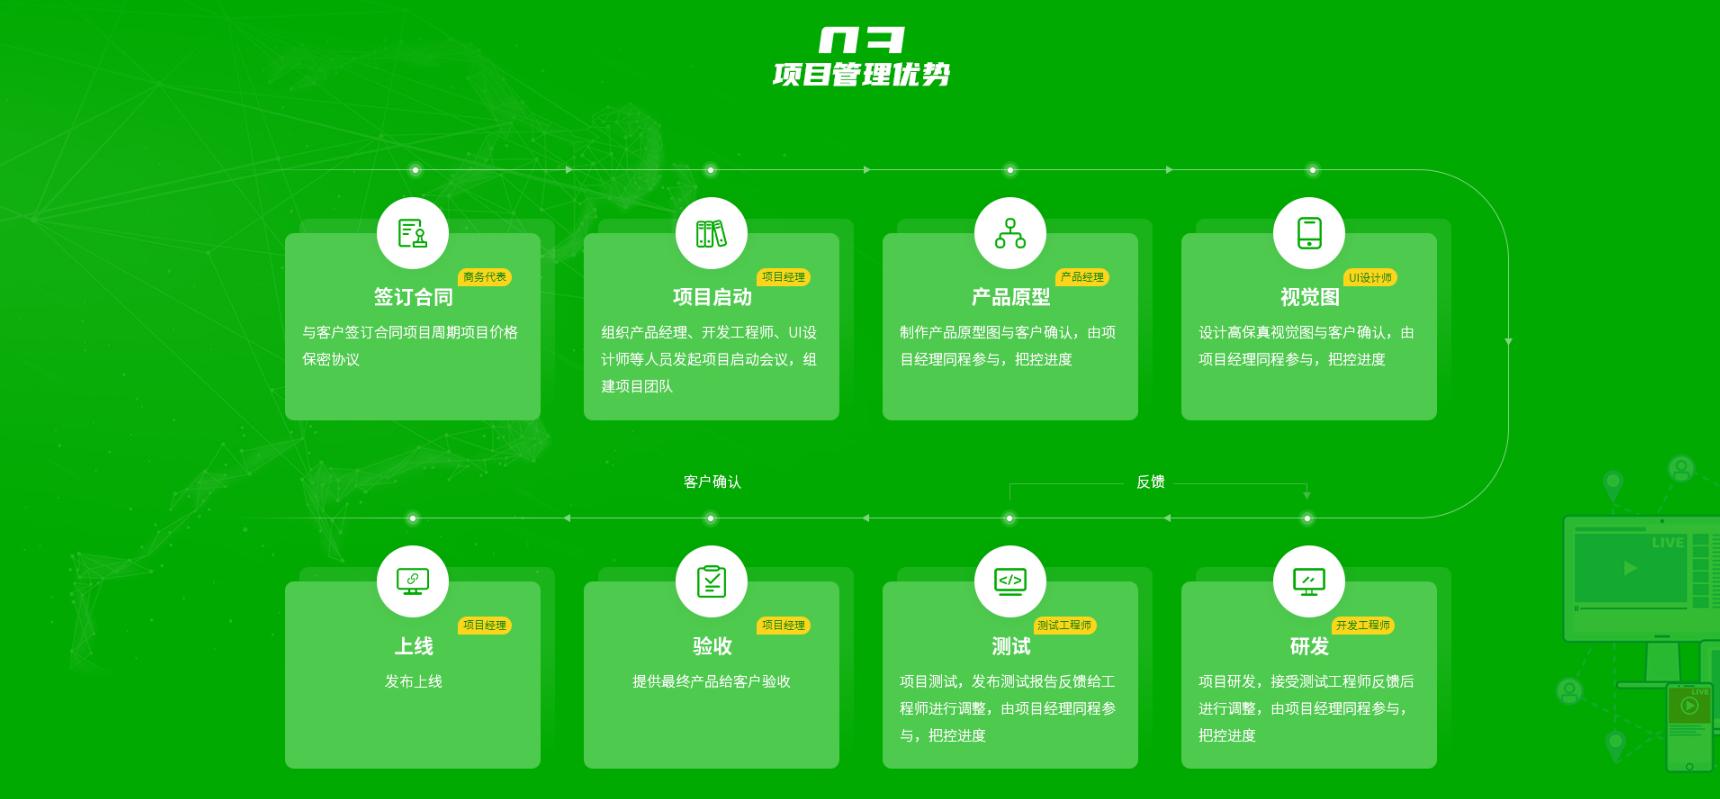 _小程序开发微信开发定制微官网公众平台制作设计商城社区公众号23